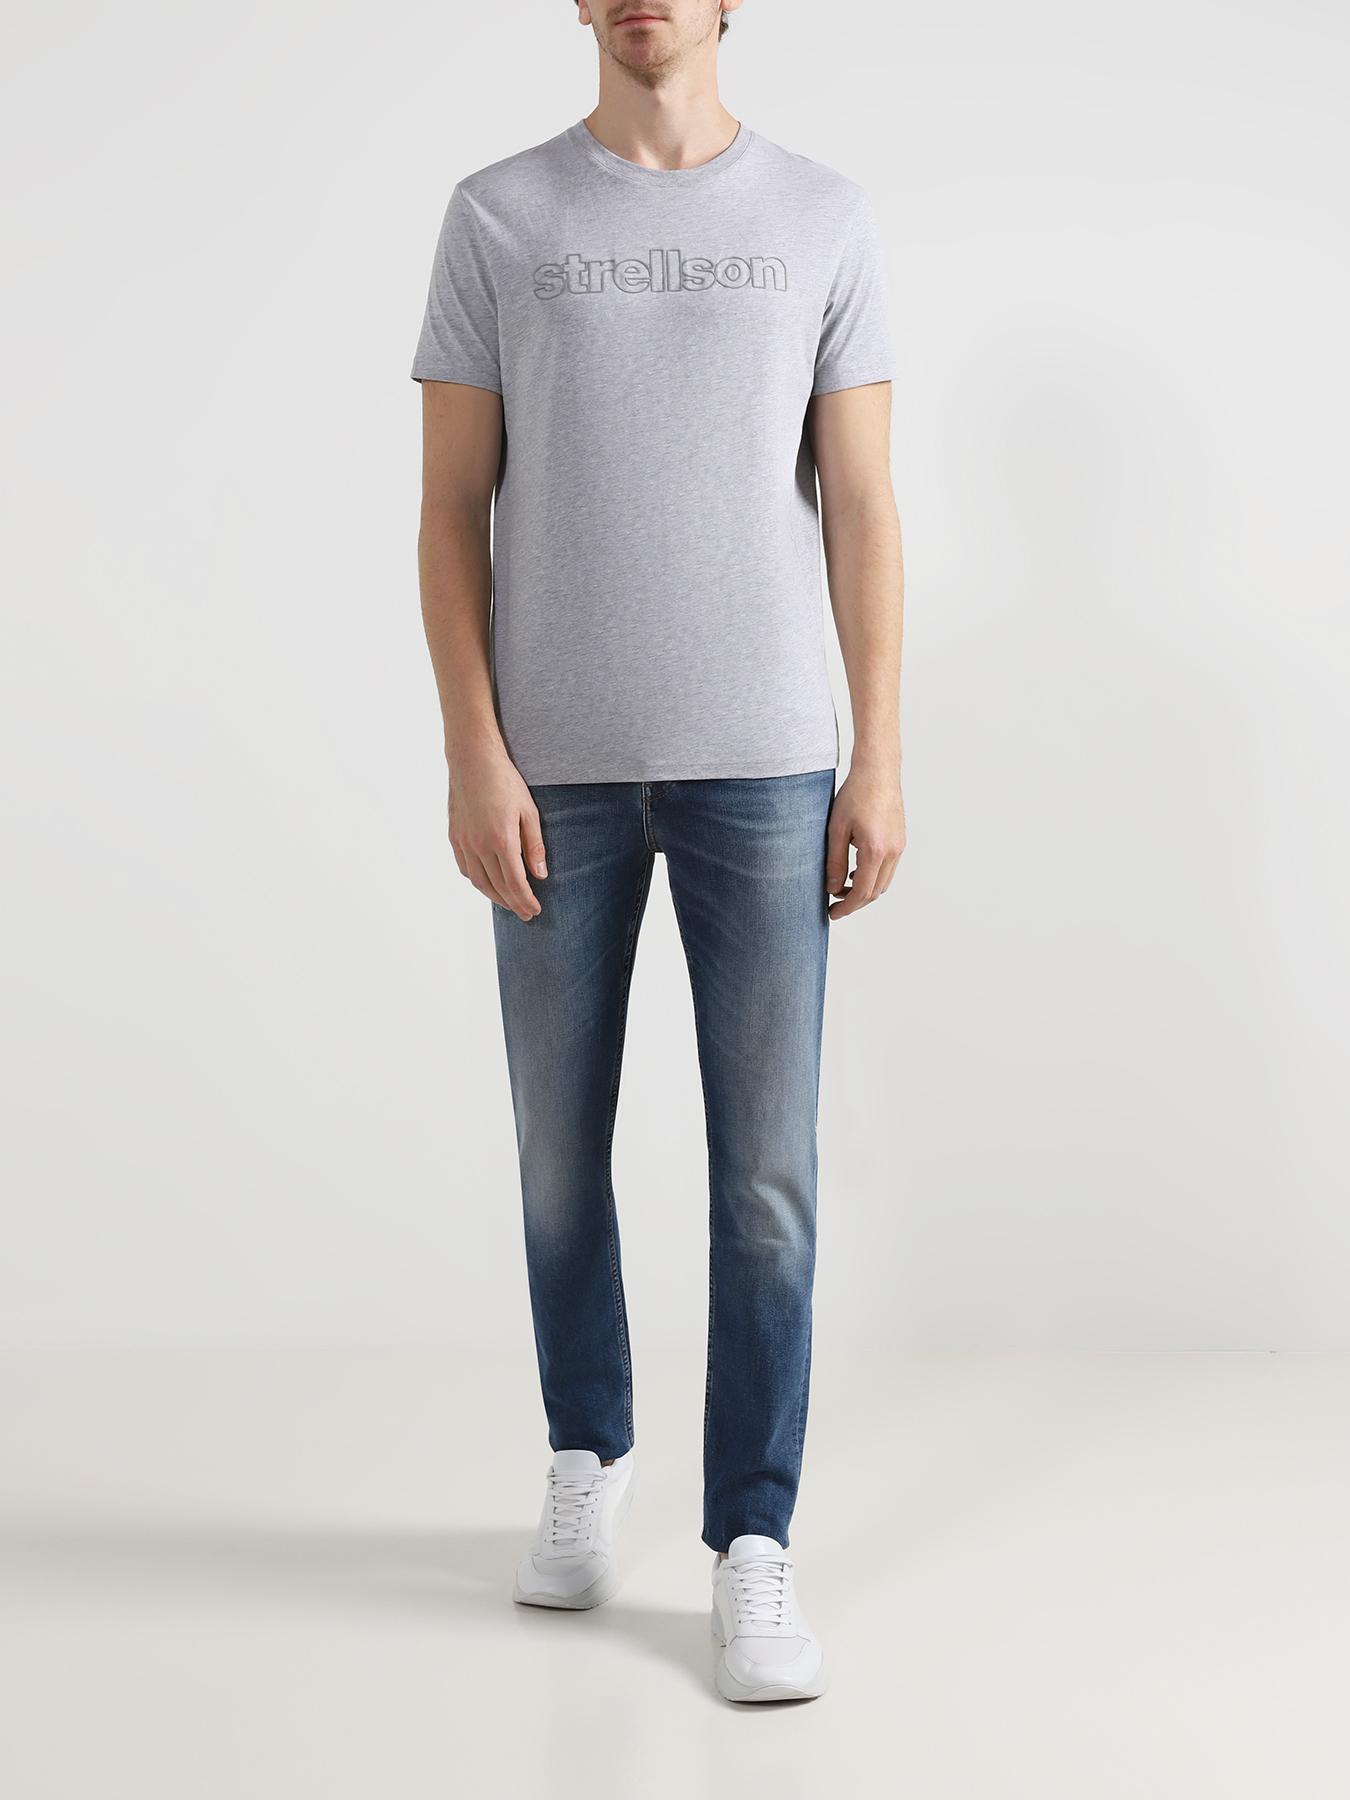 Фуфайка Strellson Мужская футболка